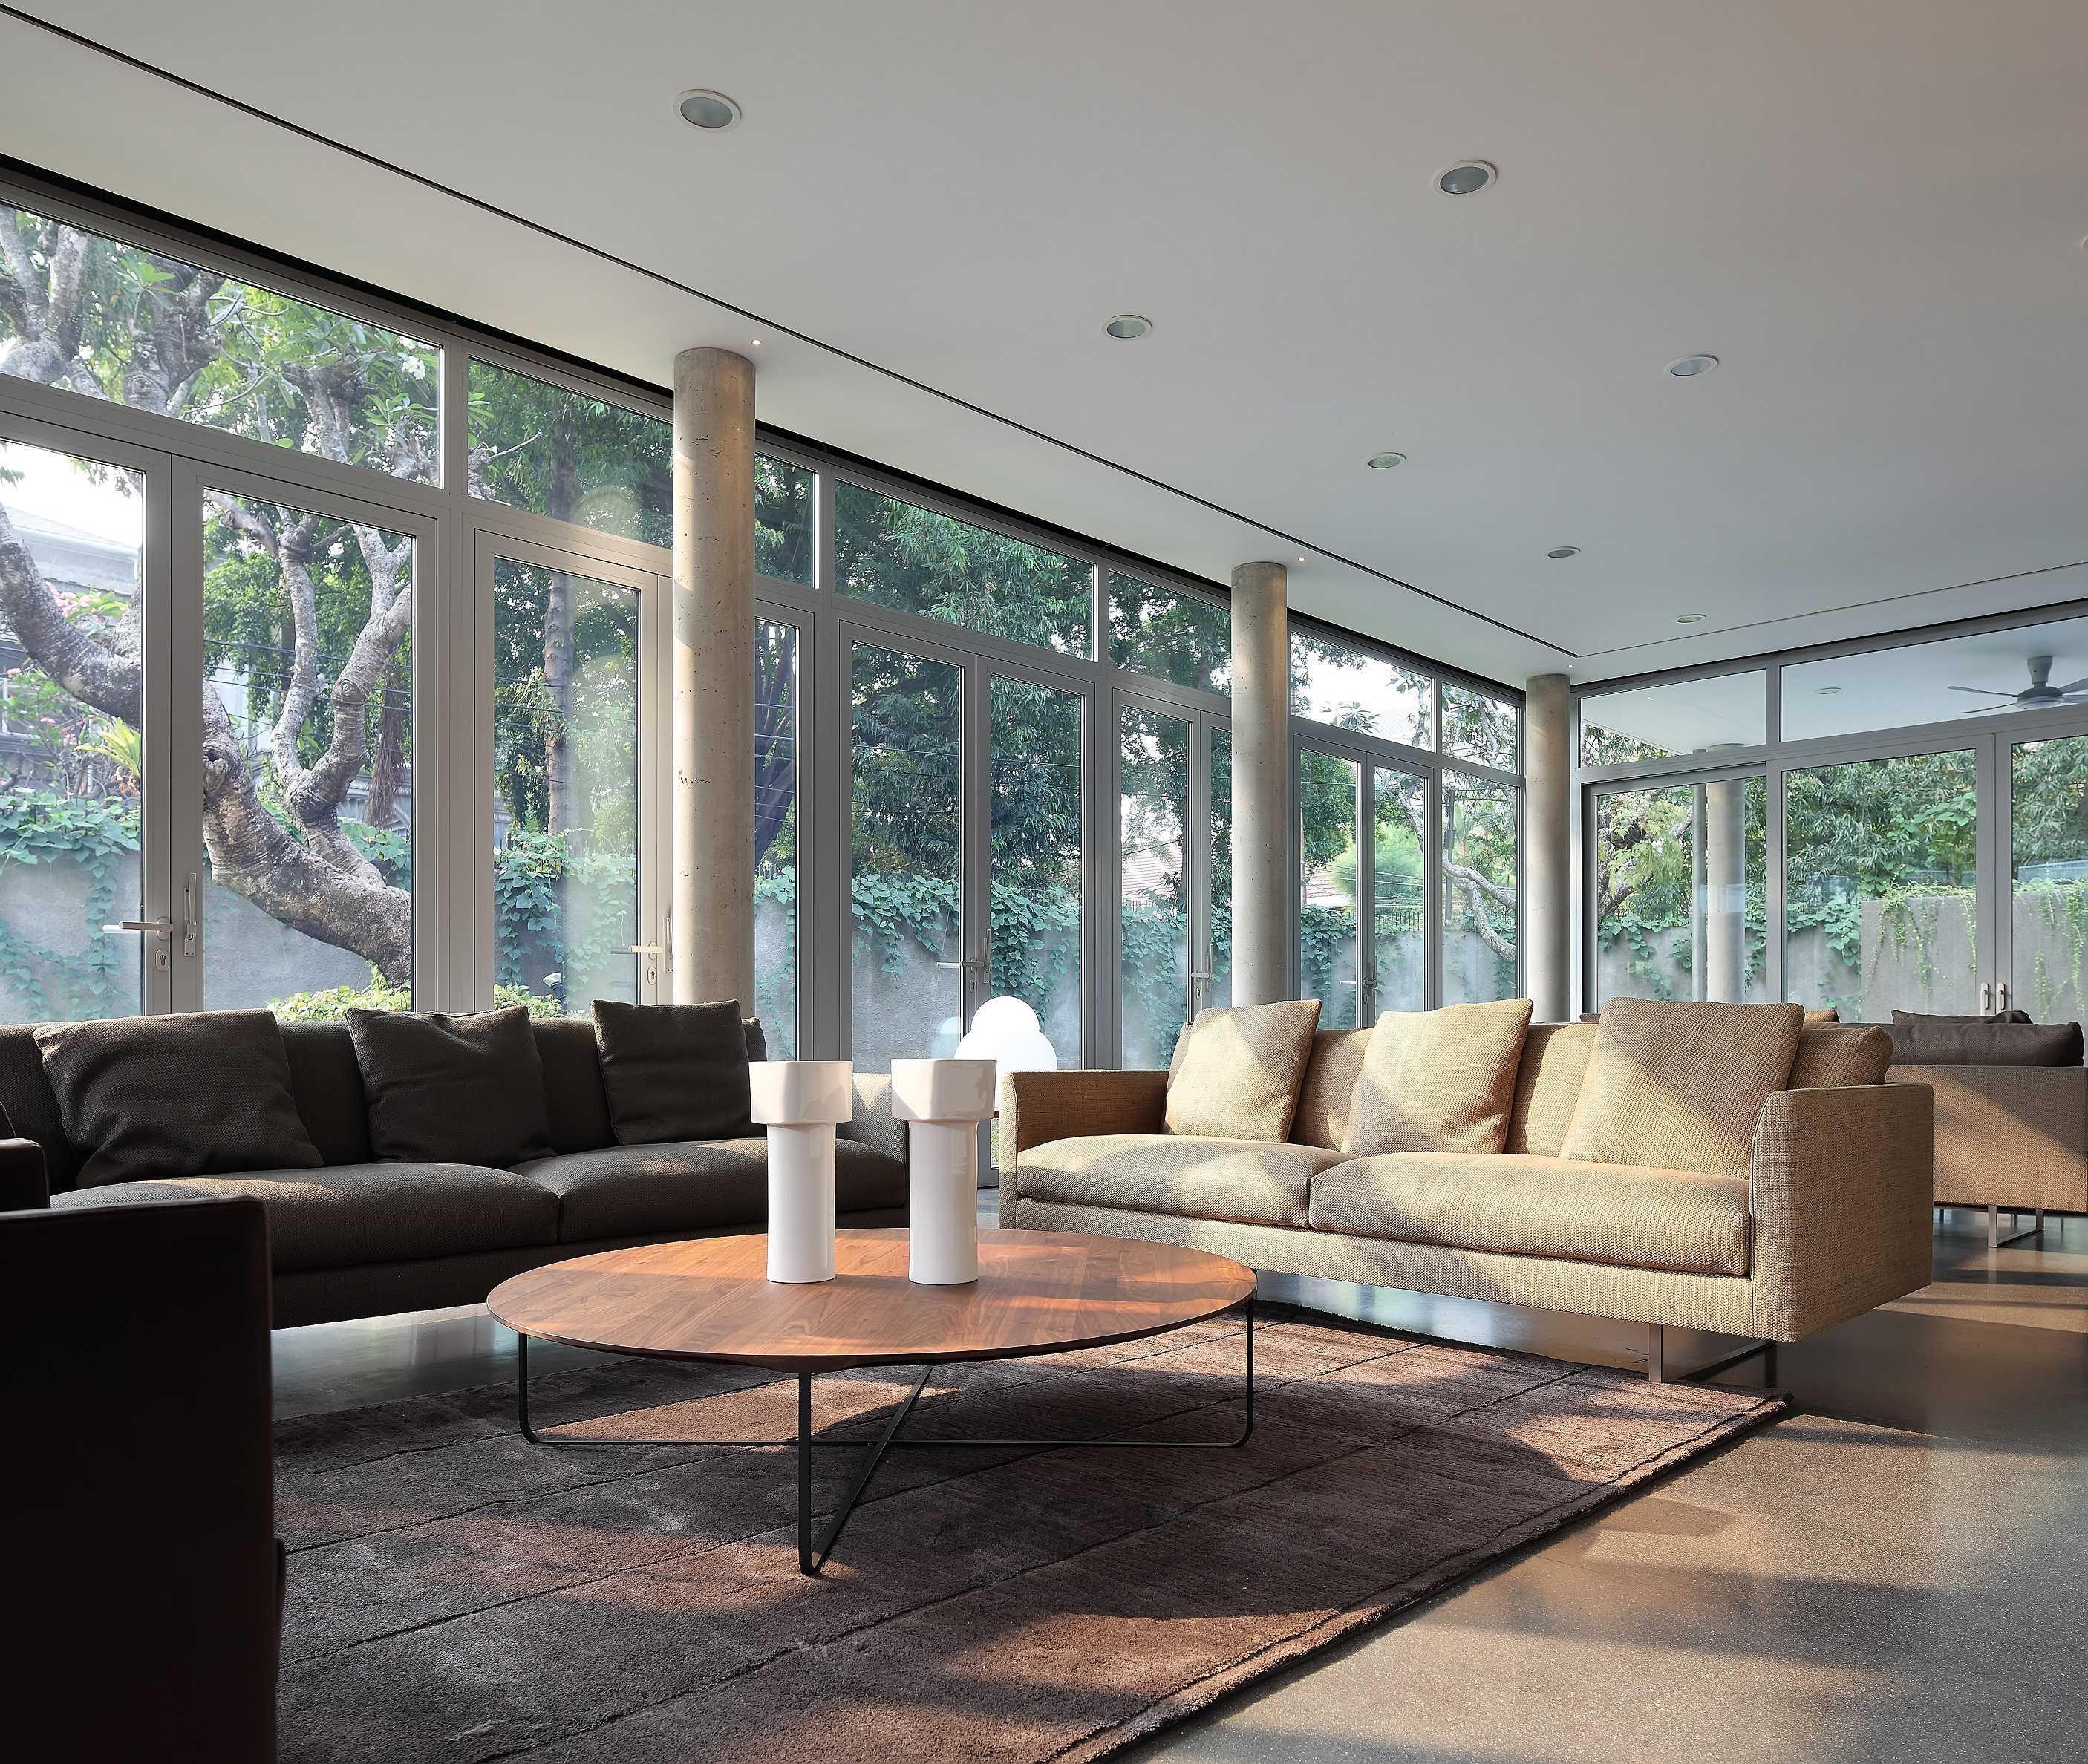 Irianto Purnomo Hadi Swiss Embassy  Jakarta, Indonesia Living Room Kontemporer  30260